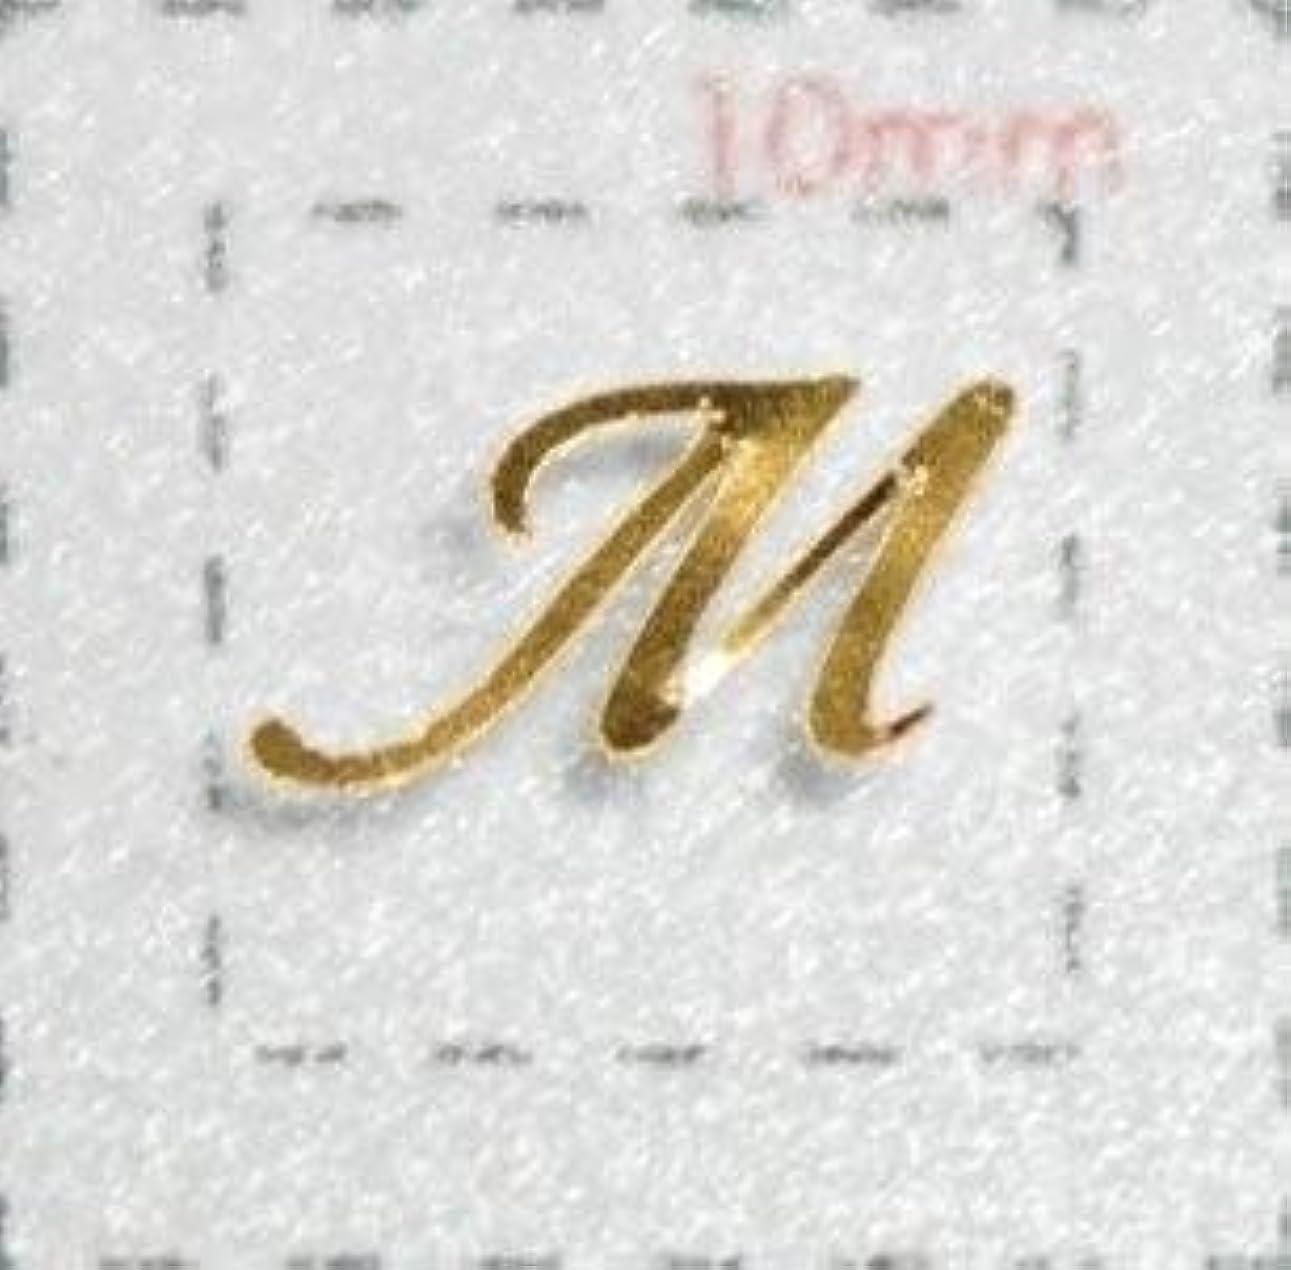 抵抗力がある日光相関するNameネイルシール【アルファベット?イニシャル】大文字ゴールド( M )1シート9枚入